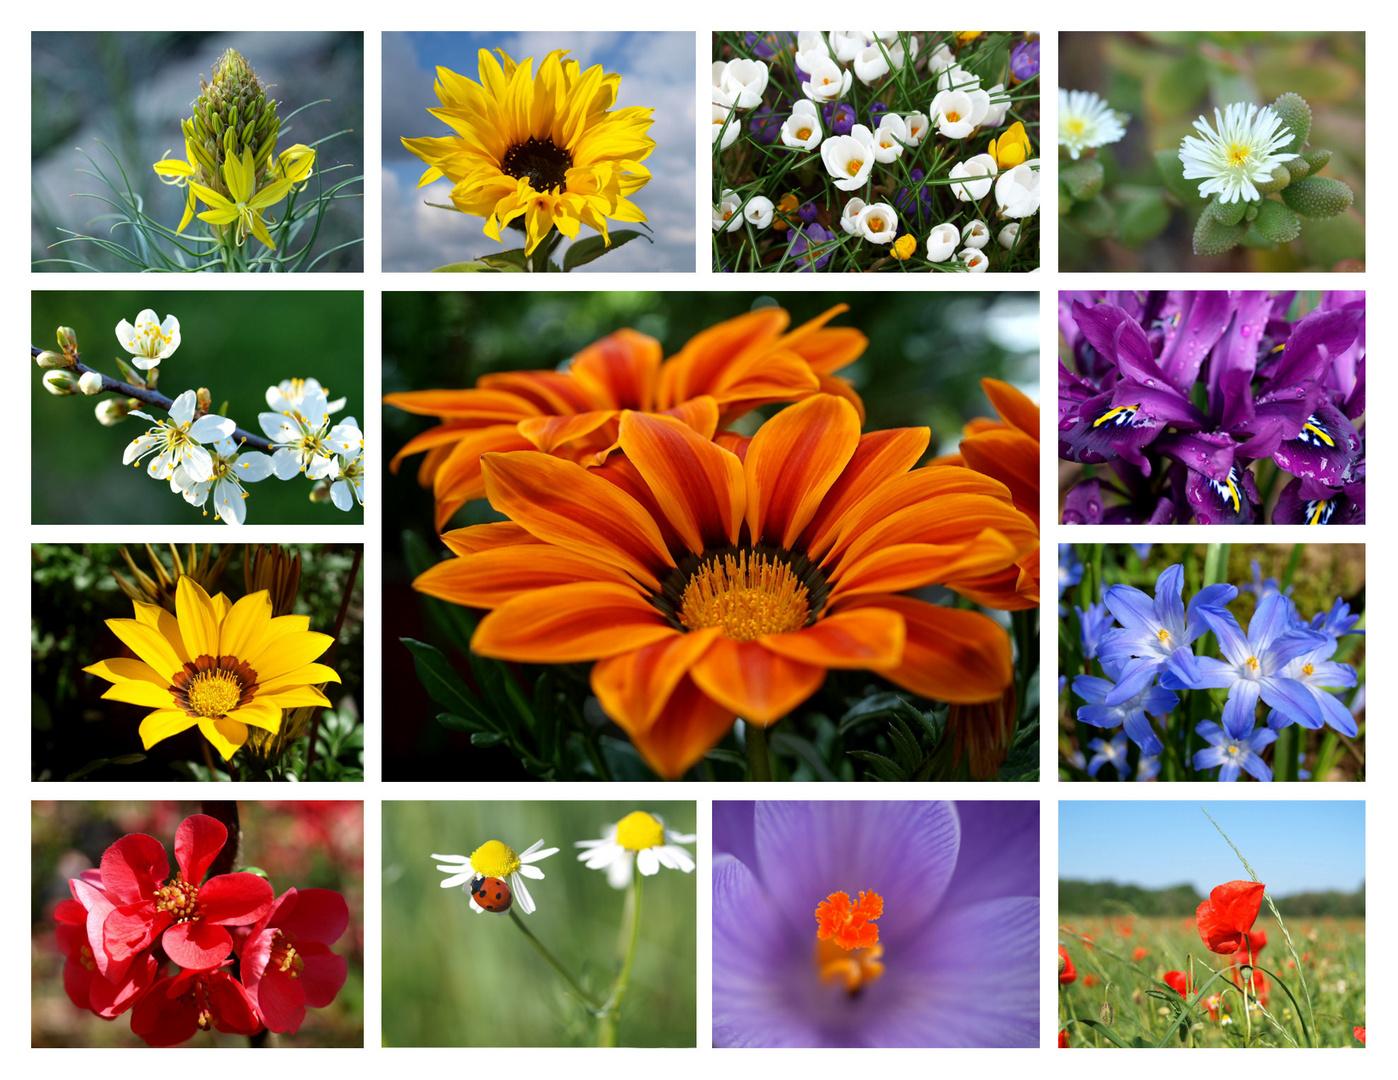 ~ Mein Blumen-Jahr 2010 ~